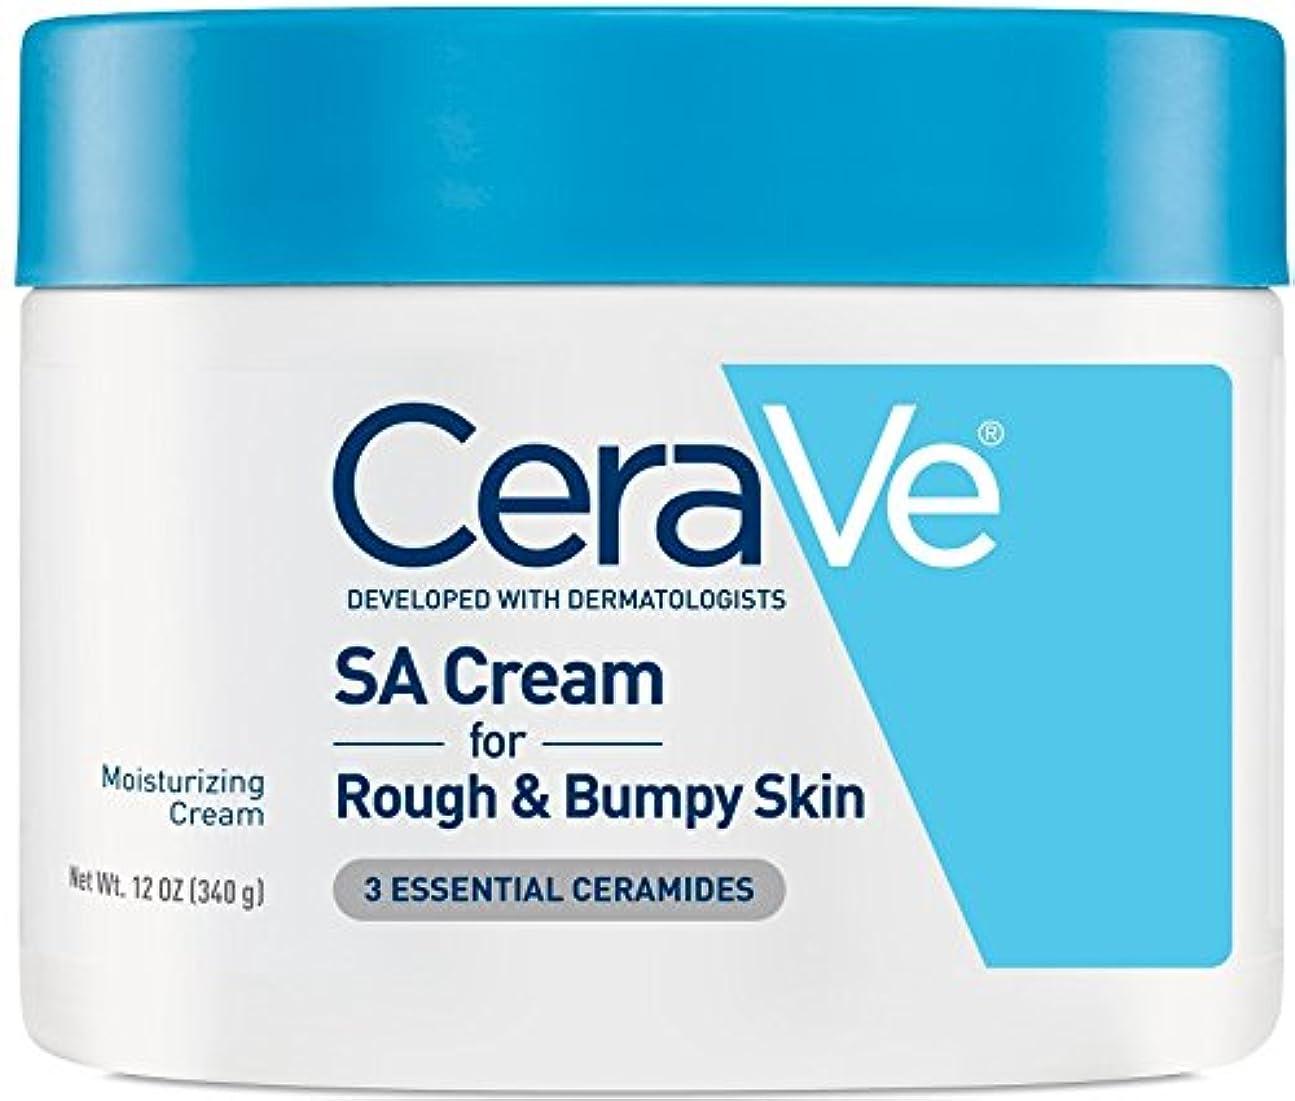 発掘唇クレデンシャル海外直送品Cerave CeraVe Renewing SA Cream, 12 oz